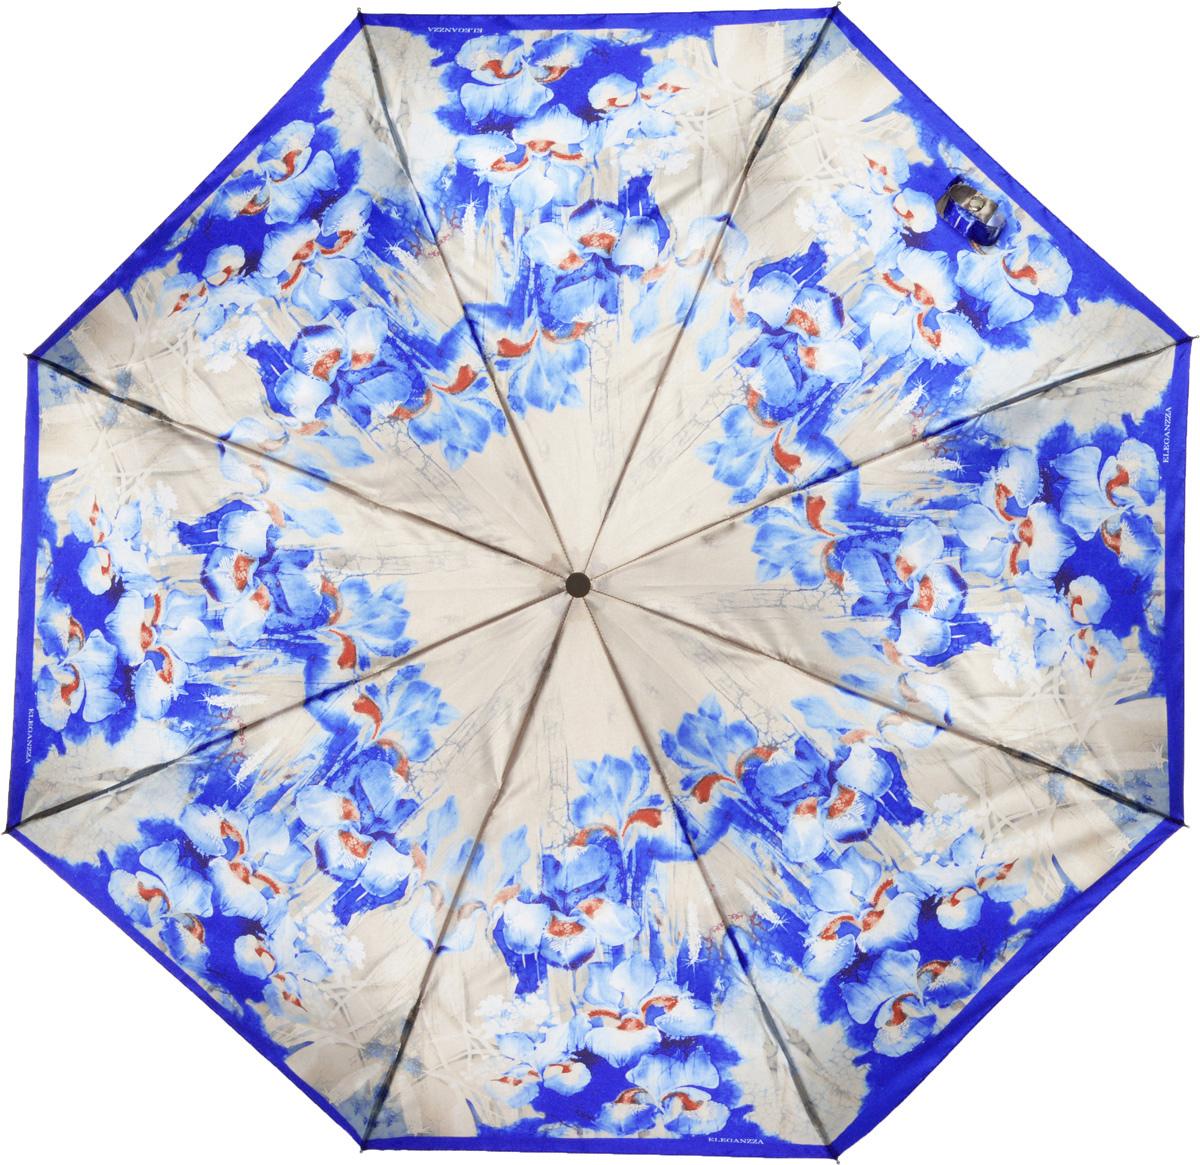 Зонт женский Eleganzza, автомат, 3 сложения, цвет: синий. A3-05-0303LSA3-05-0303LSЖенский зонт-автомат торговой марки ELEGANZZA с каркасом Smart, который позволяет без особых усилий складывать зонт, не позволяя стержню вылетать обратно. Купол: 100% полиэстер, сатин. Материал каркаса: сталь + алюминий + фибергласс. Материал ручки: пластик. Длина изделия - 30 см. Диаметр купола - 105 см. Система Smart, не позволяет стержню при сложении вылететь обратно, это облегчает сложение зонта! При сложении есть характерный звук-треск, как трещетка. Примечание: зонт не откроется с кнопки если его не закрыть до щелчка!